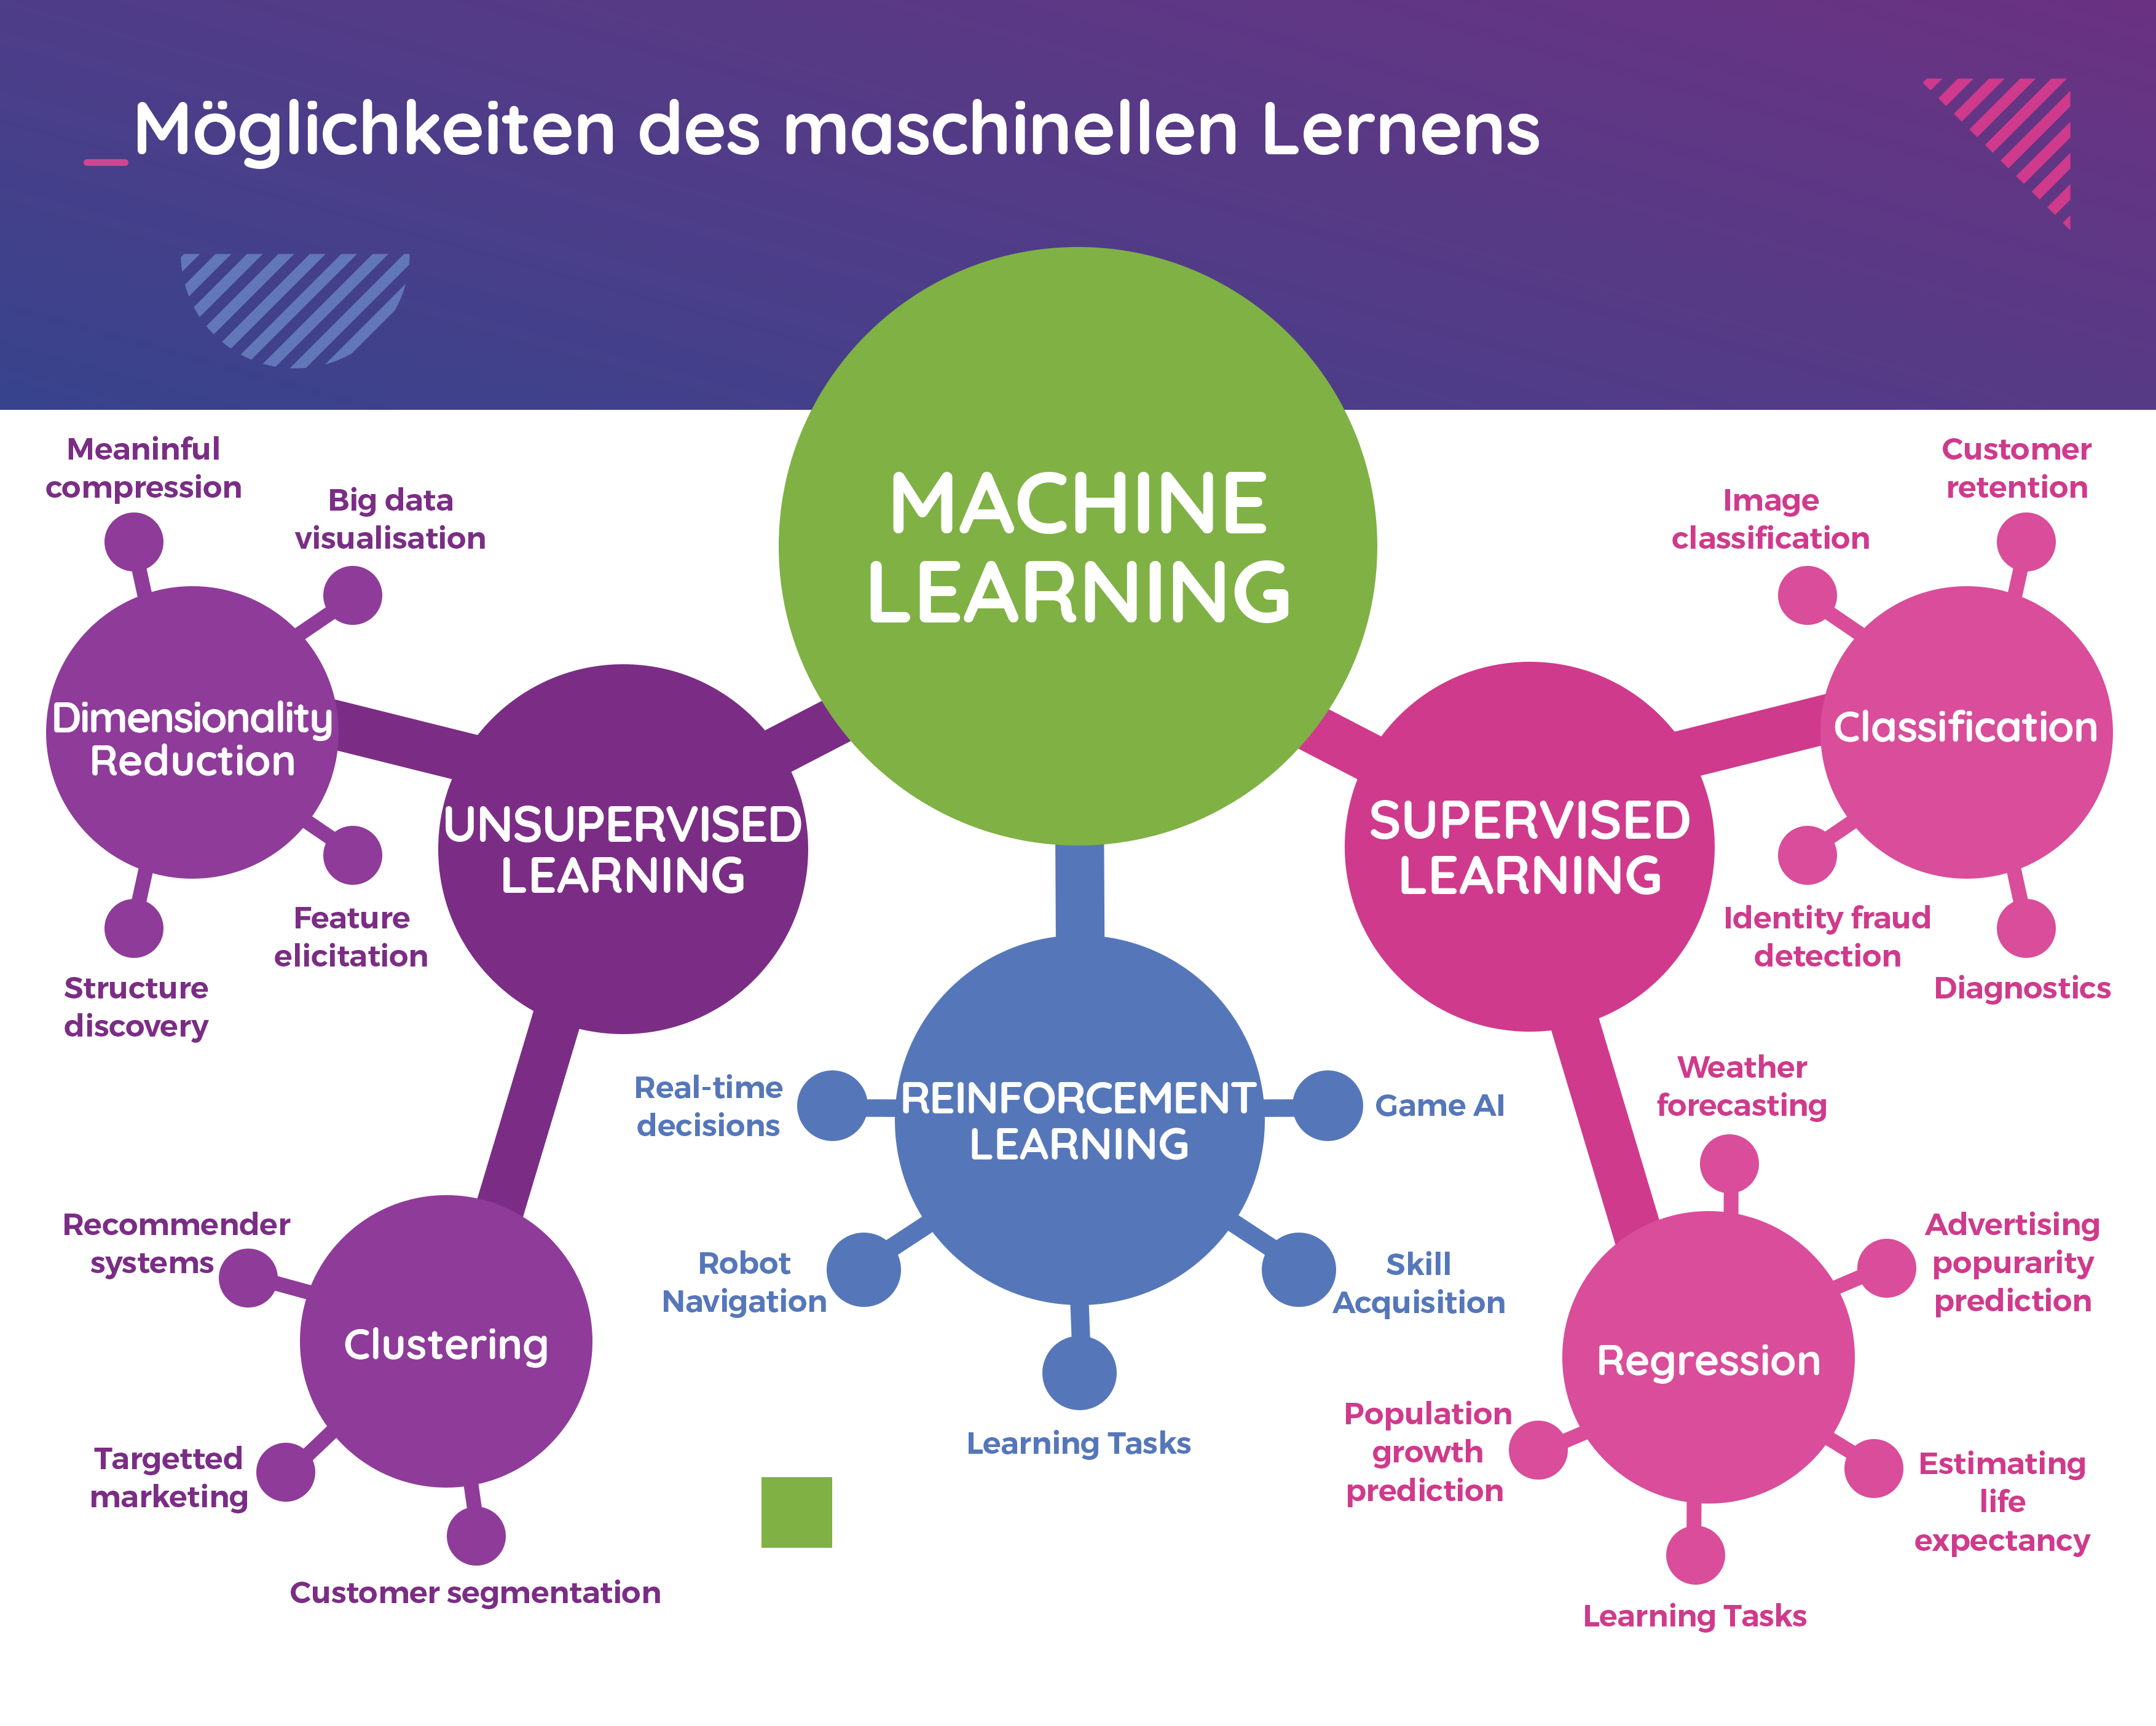 Möglichkeiten des maschinellen Lernens